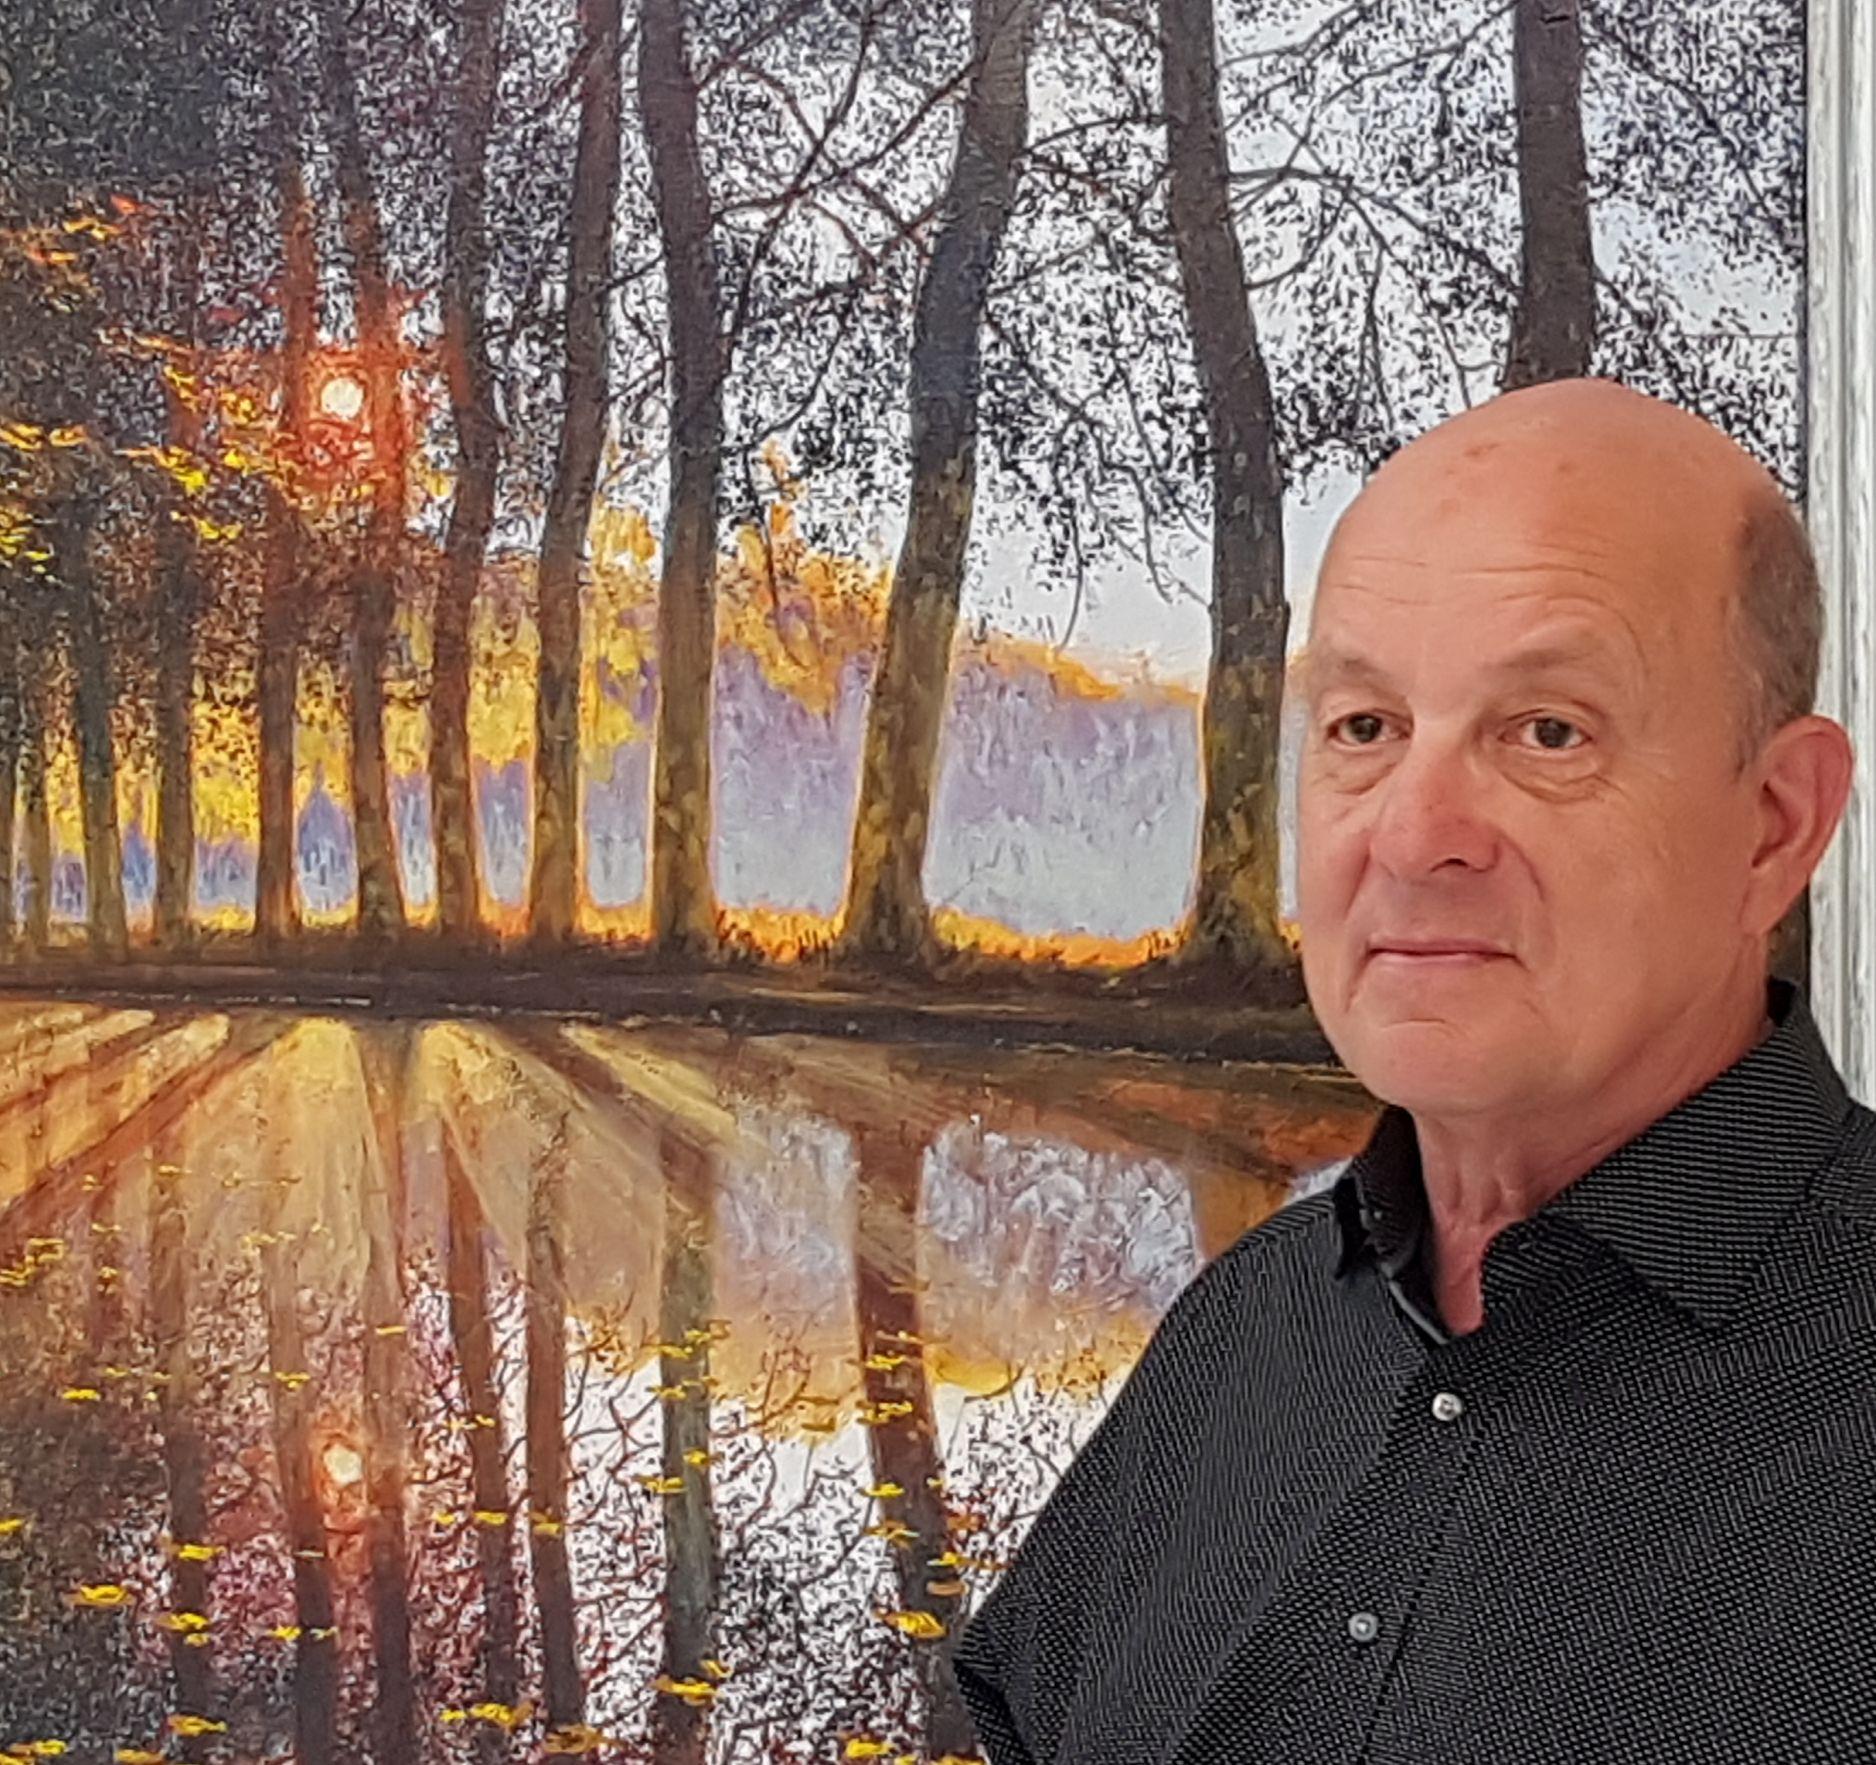 Uwe-Herbst-Portraitbild